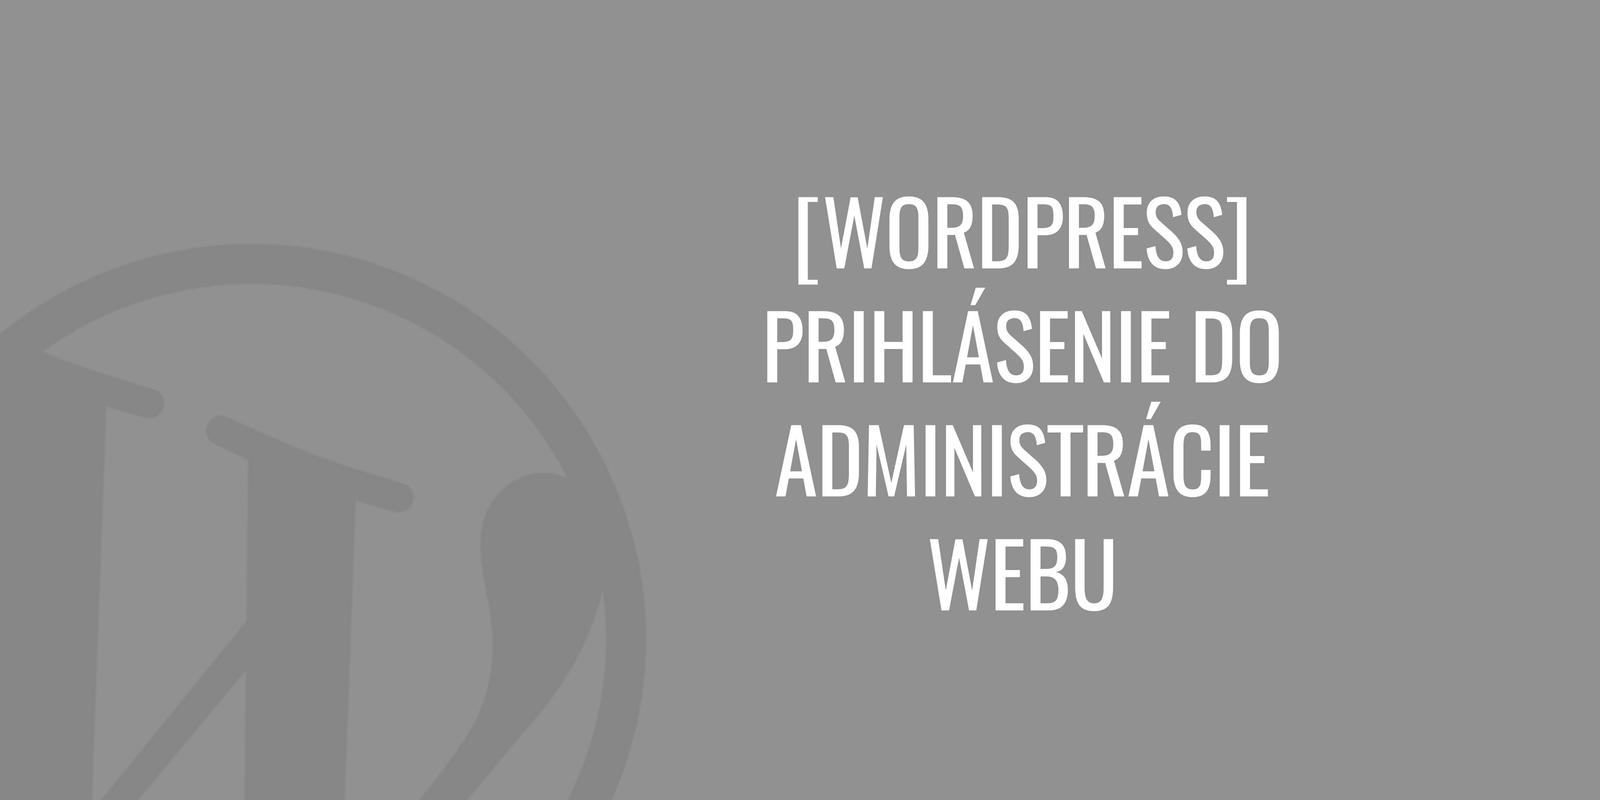 WordPress prihlásenie do administrácie